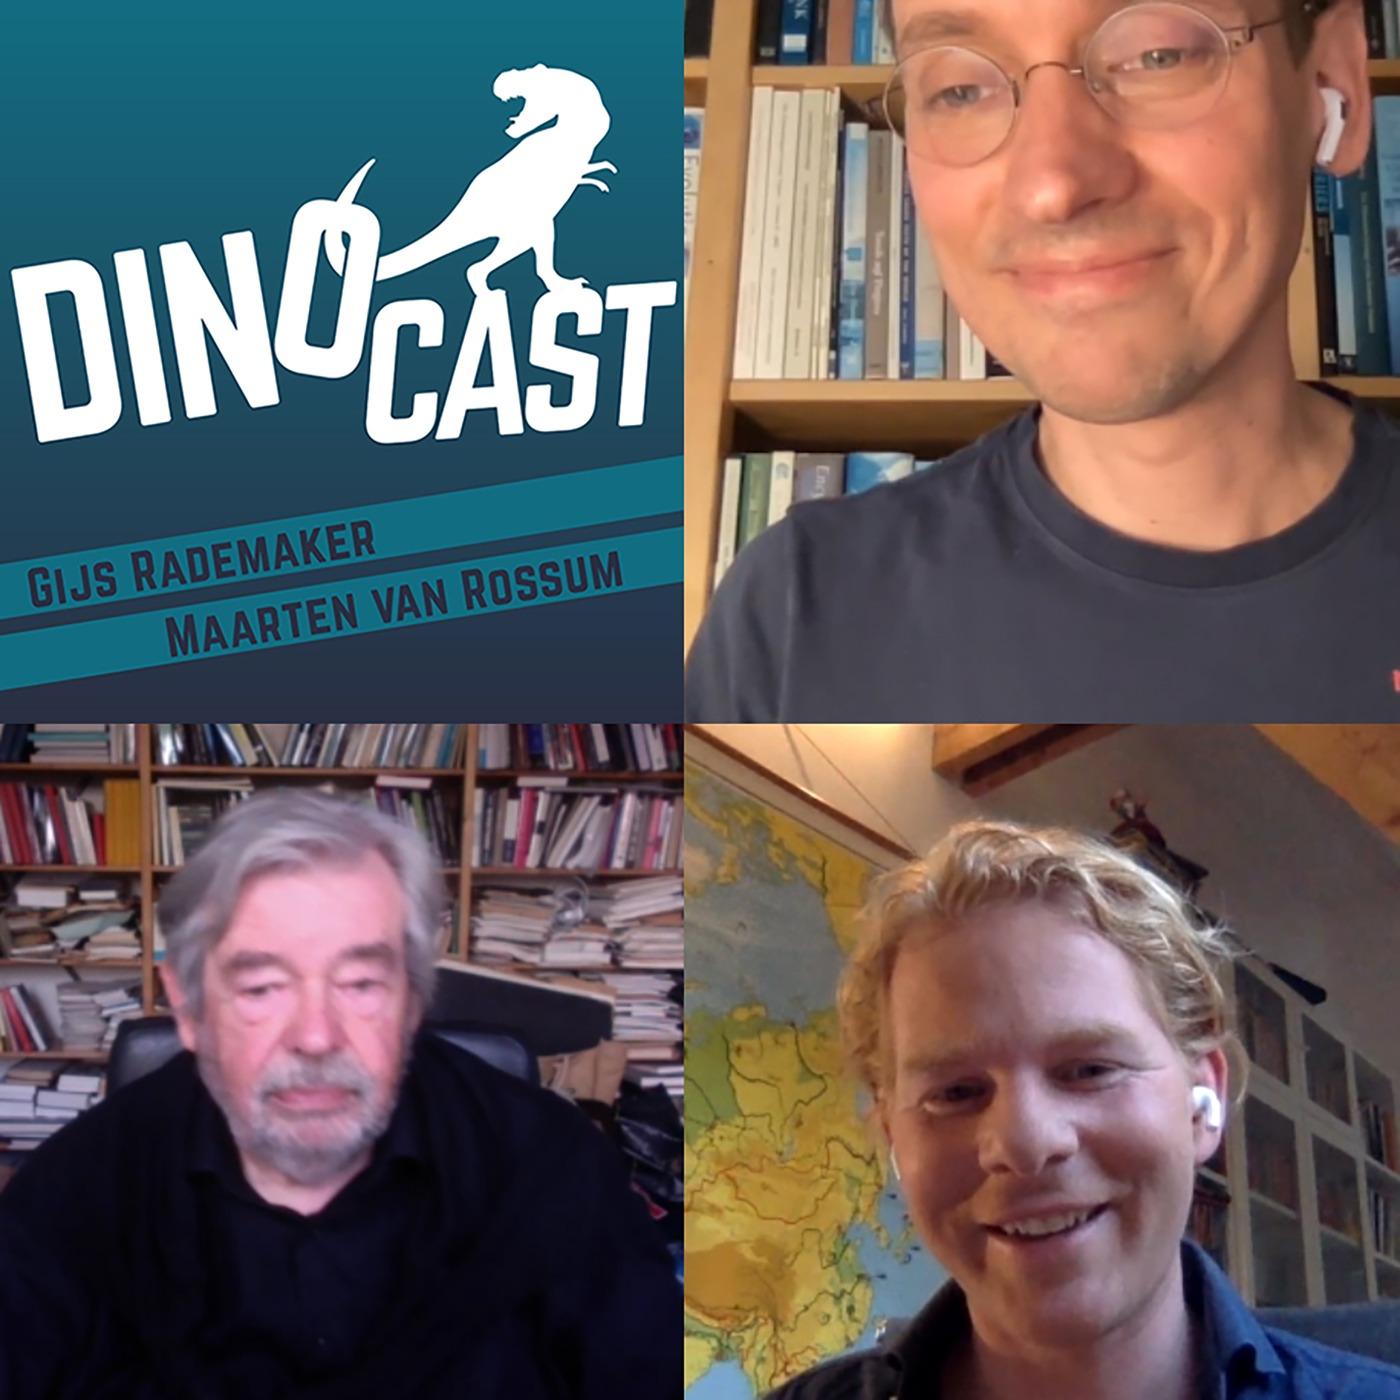 10. Dinocast EXTRA: jullie dinovragen beantwoord